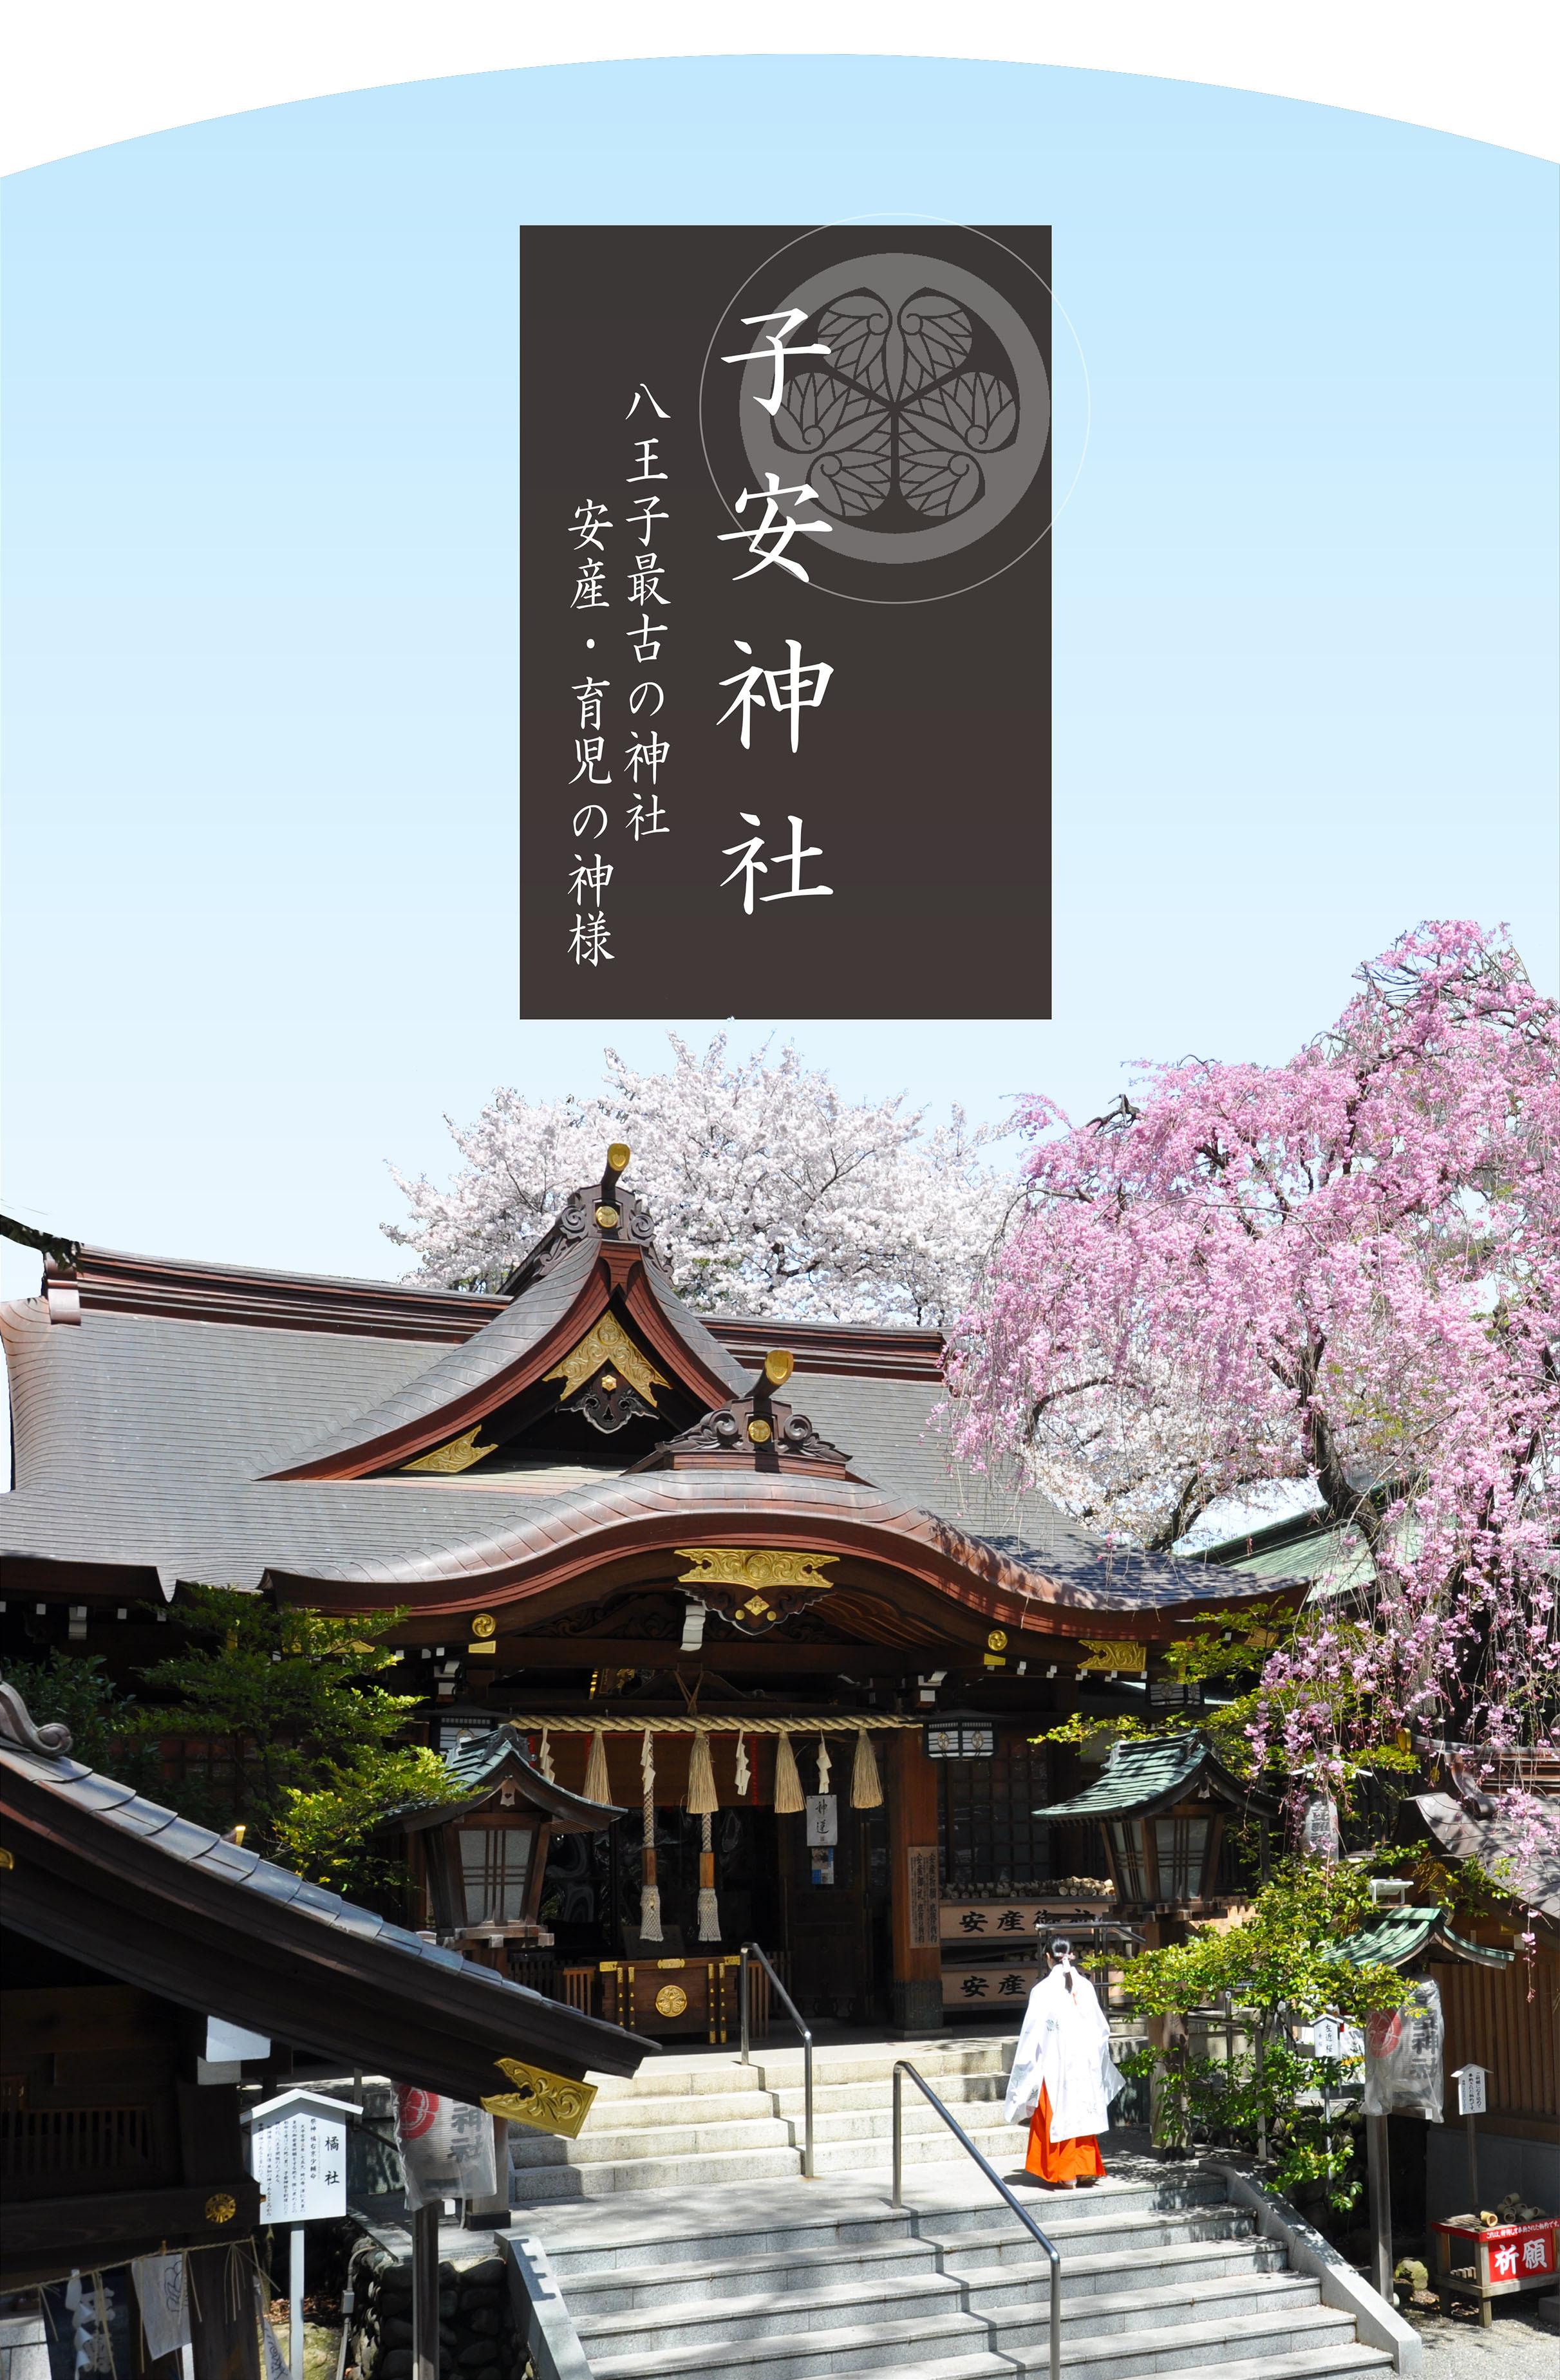 子安神社 公式サイト 子安神社 公式サイト